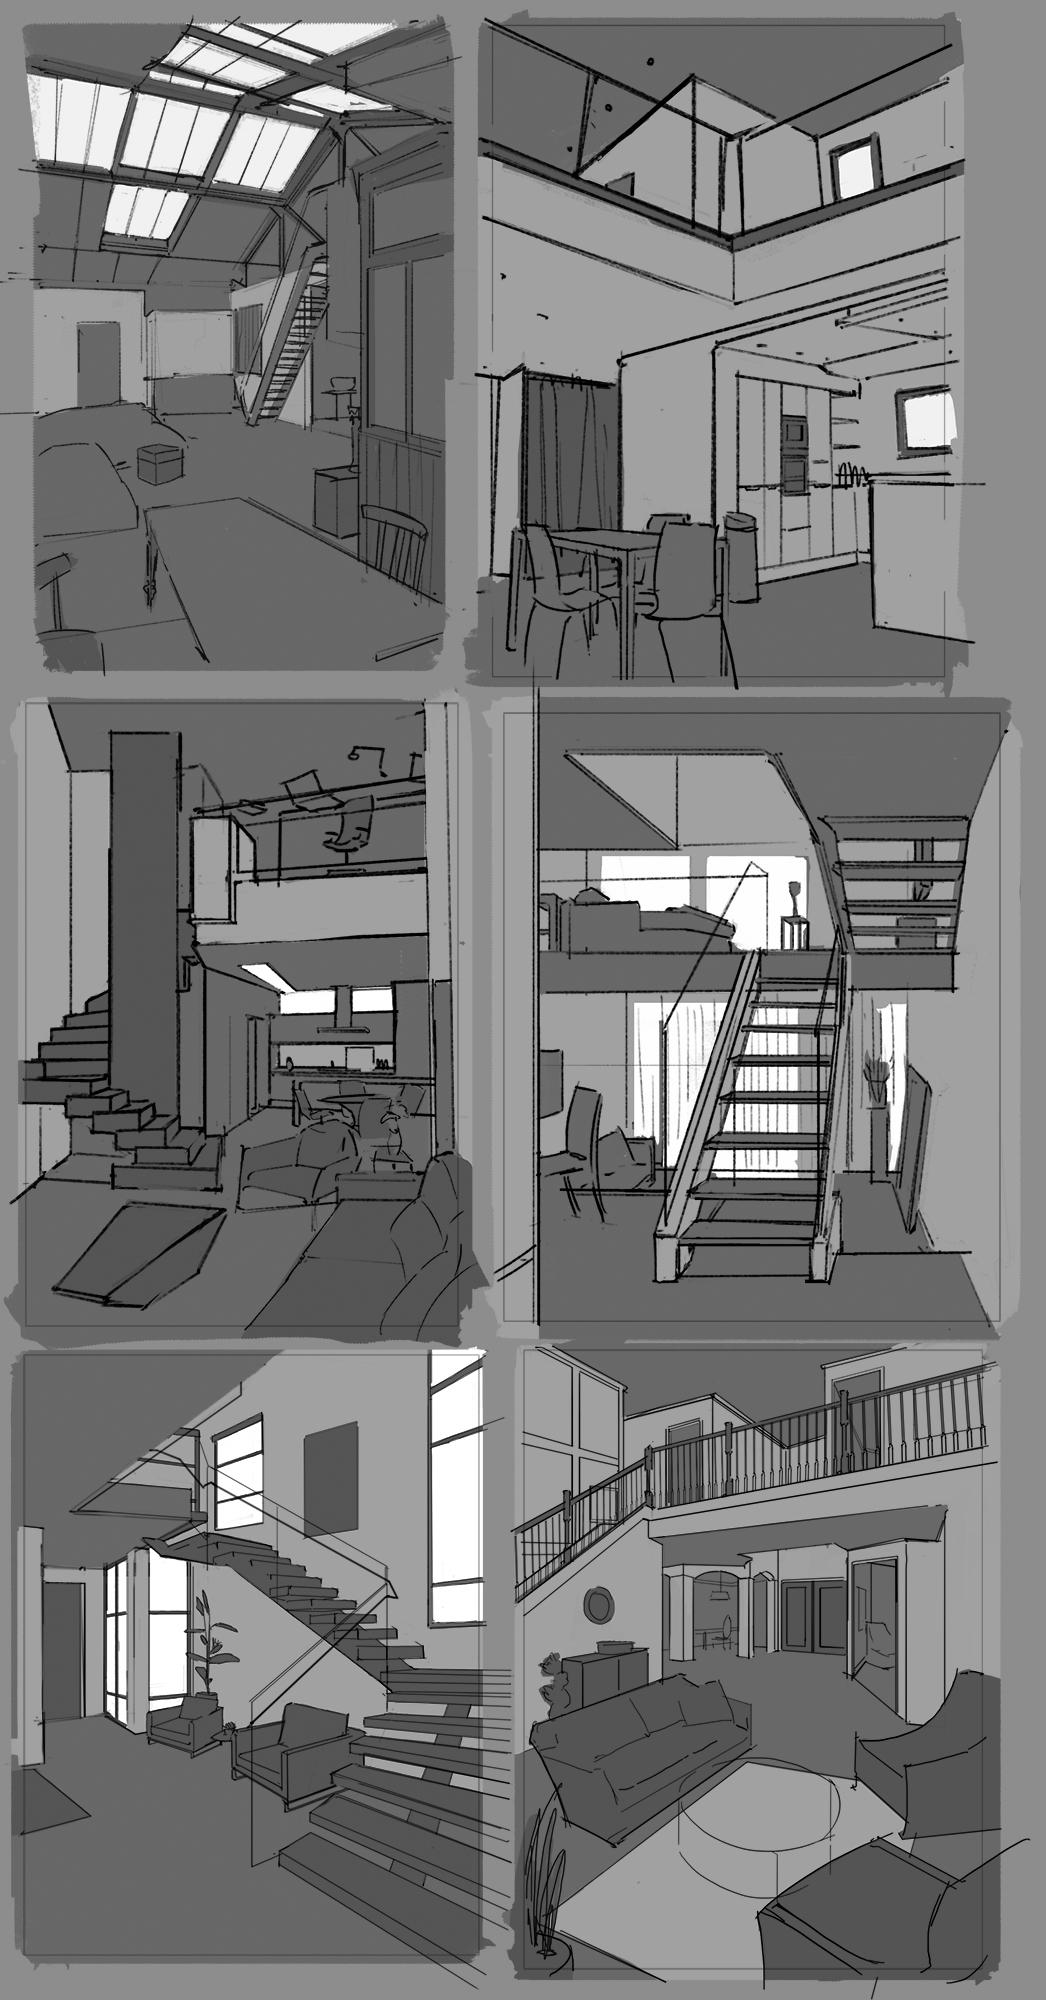 Etudes de Phosphene - Page 14 Interior_studies-53d7d9a